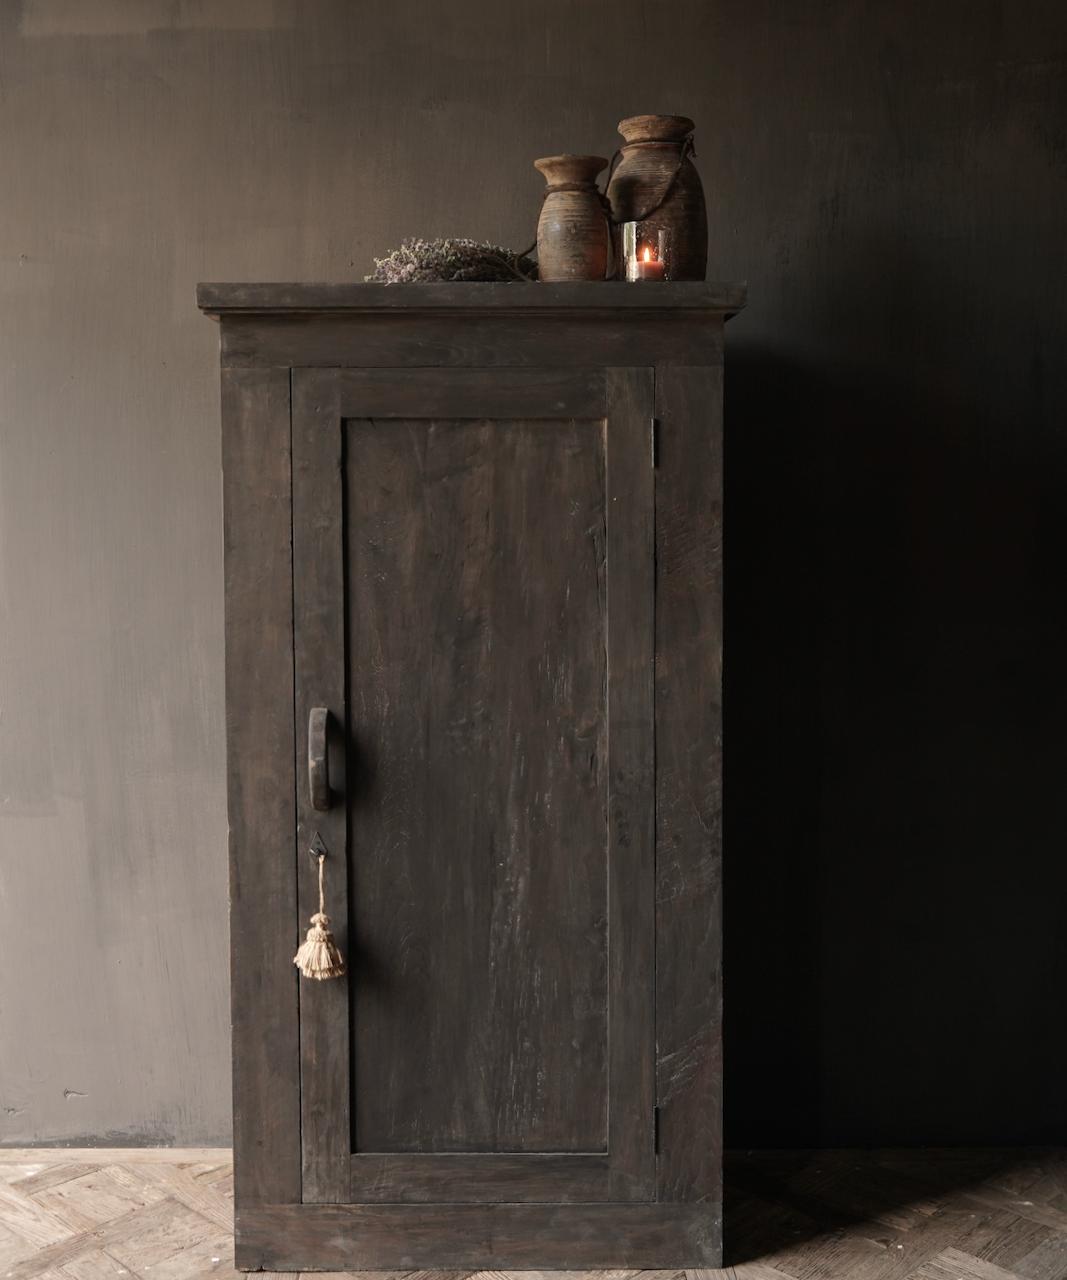 Robuster Eintürschrank aus altem Holz mit drei Regalen-1